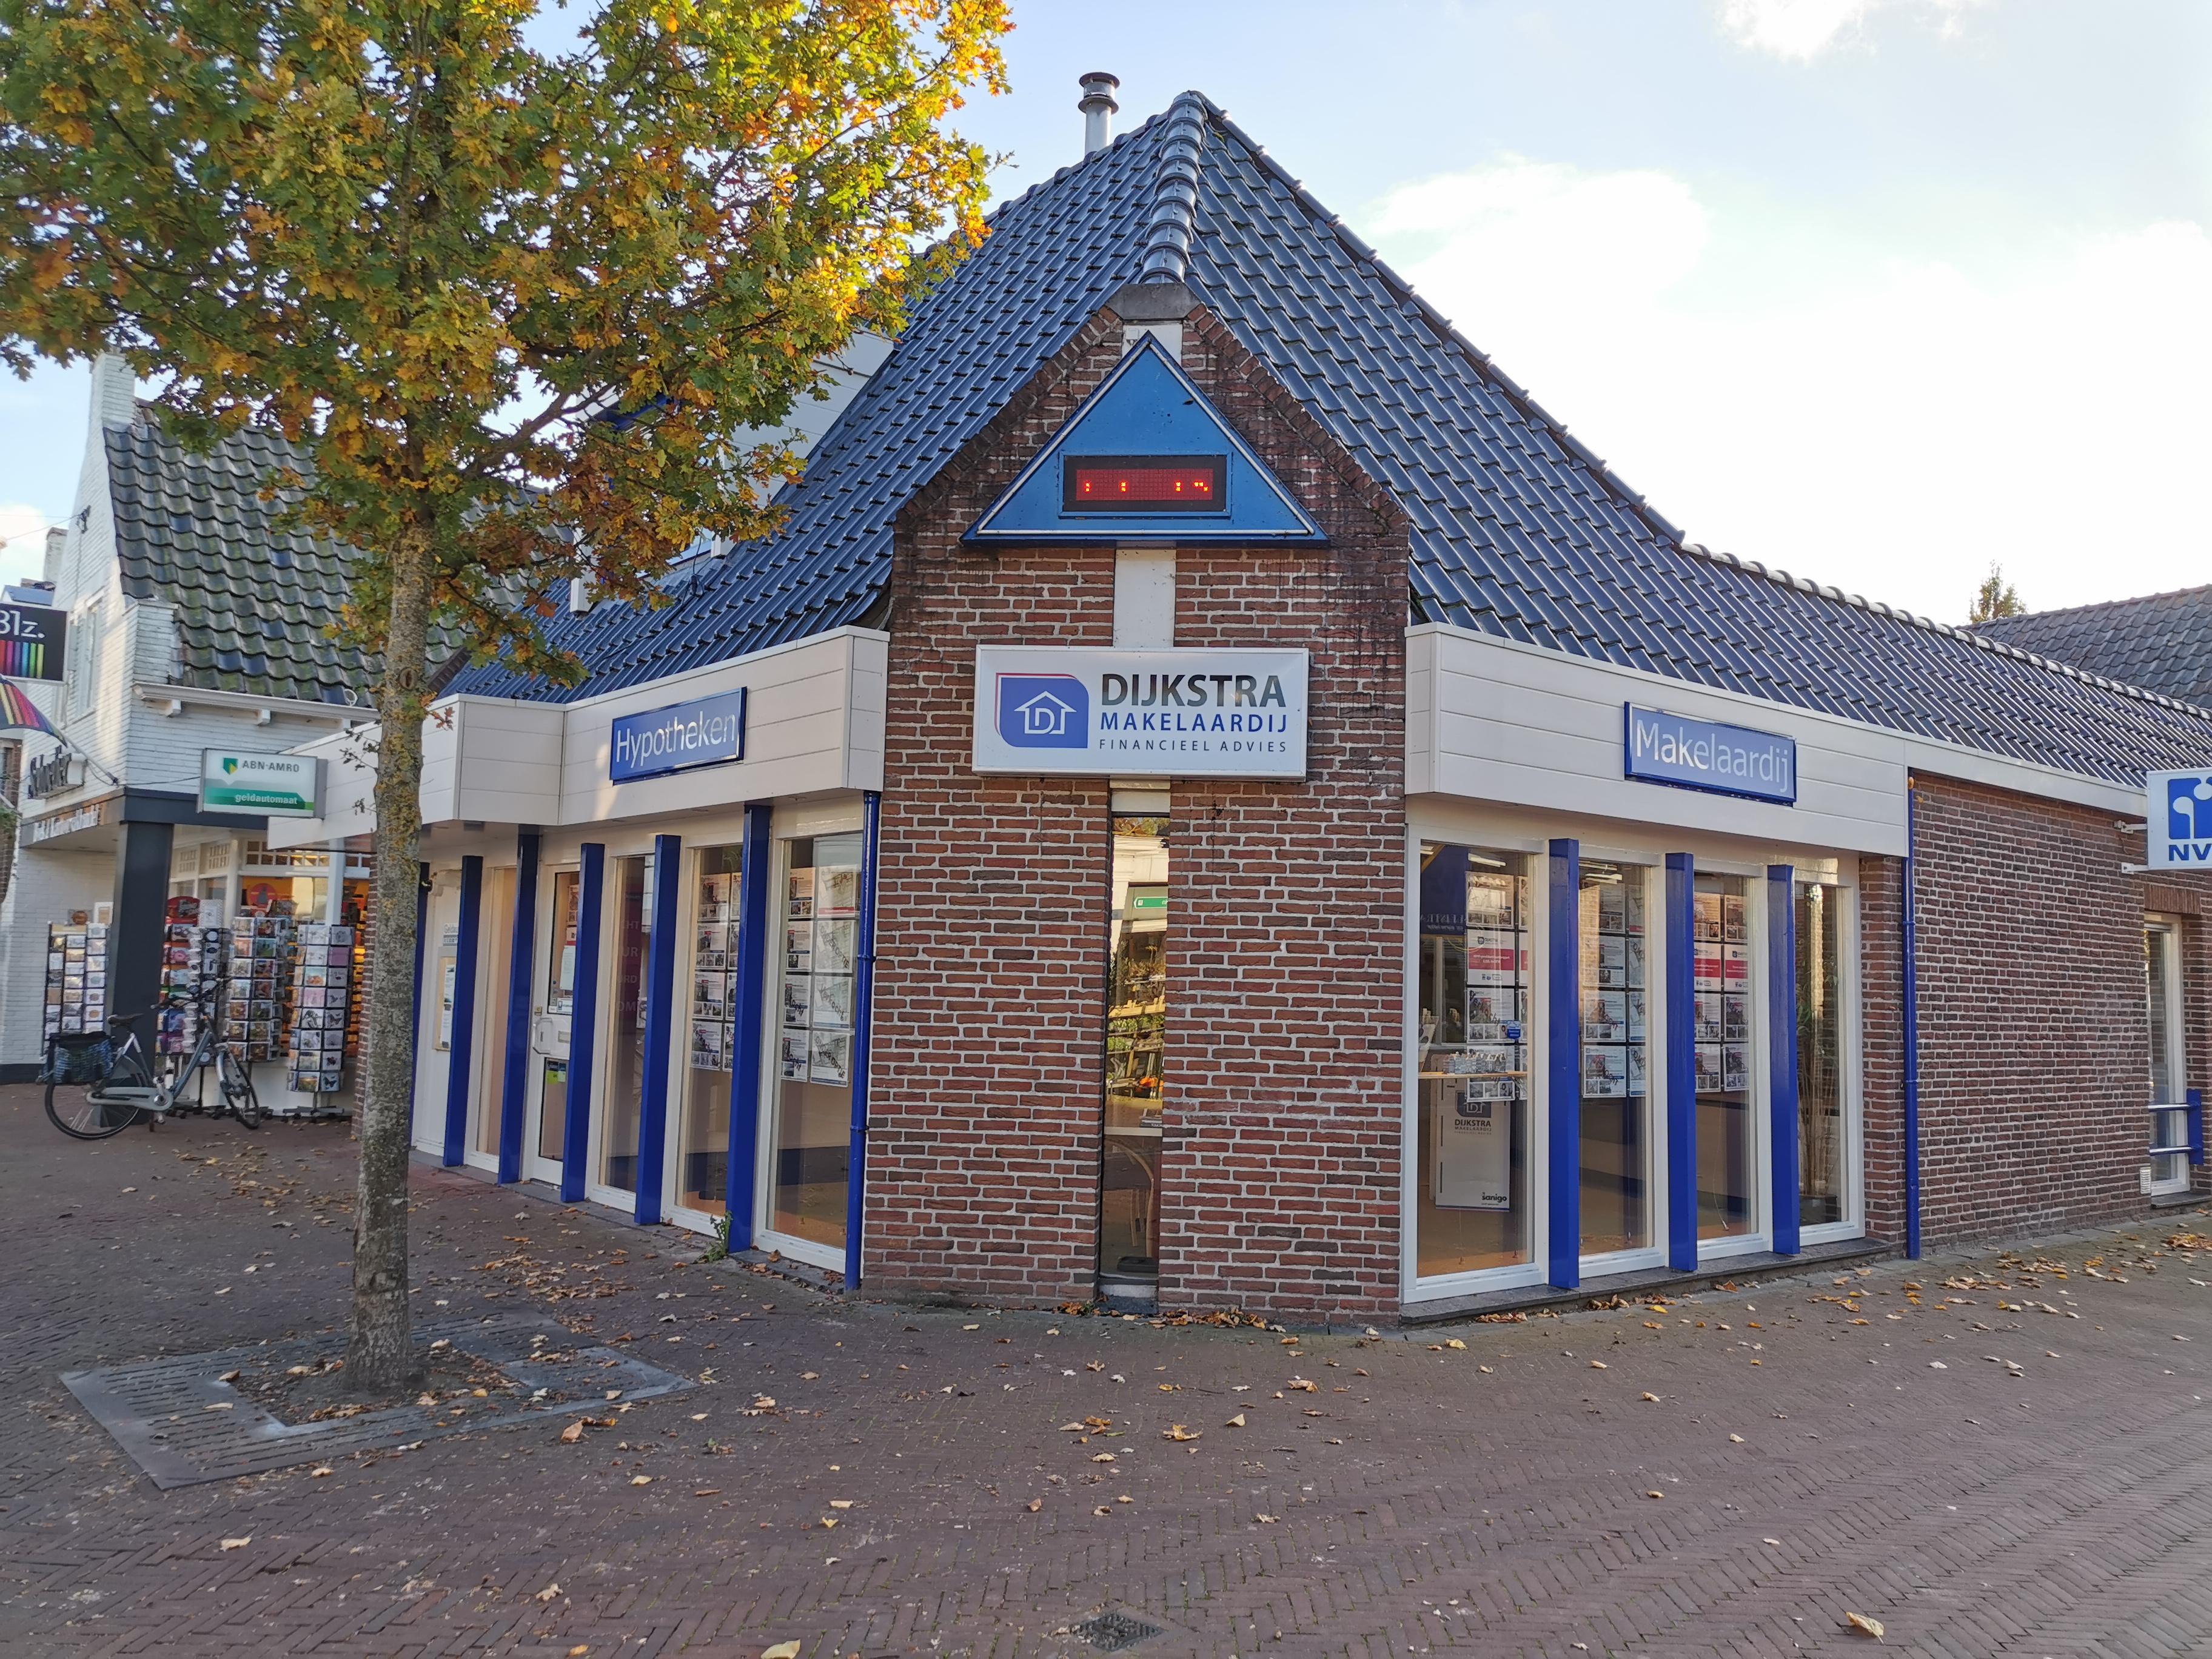 Kantoor Vestiging Dijkstra Makelaardij en Financieel Advies